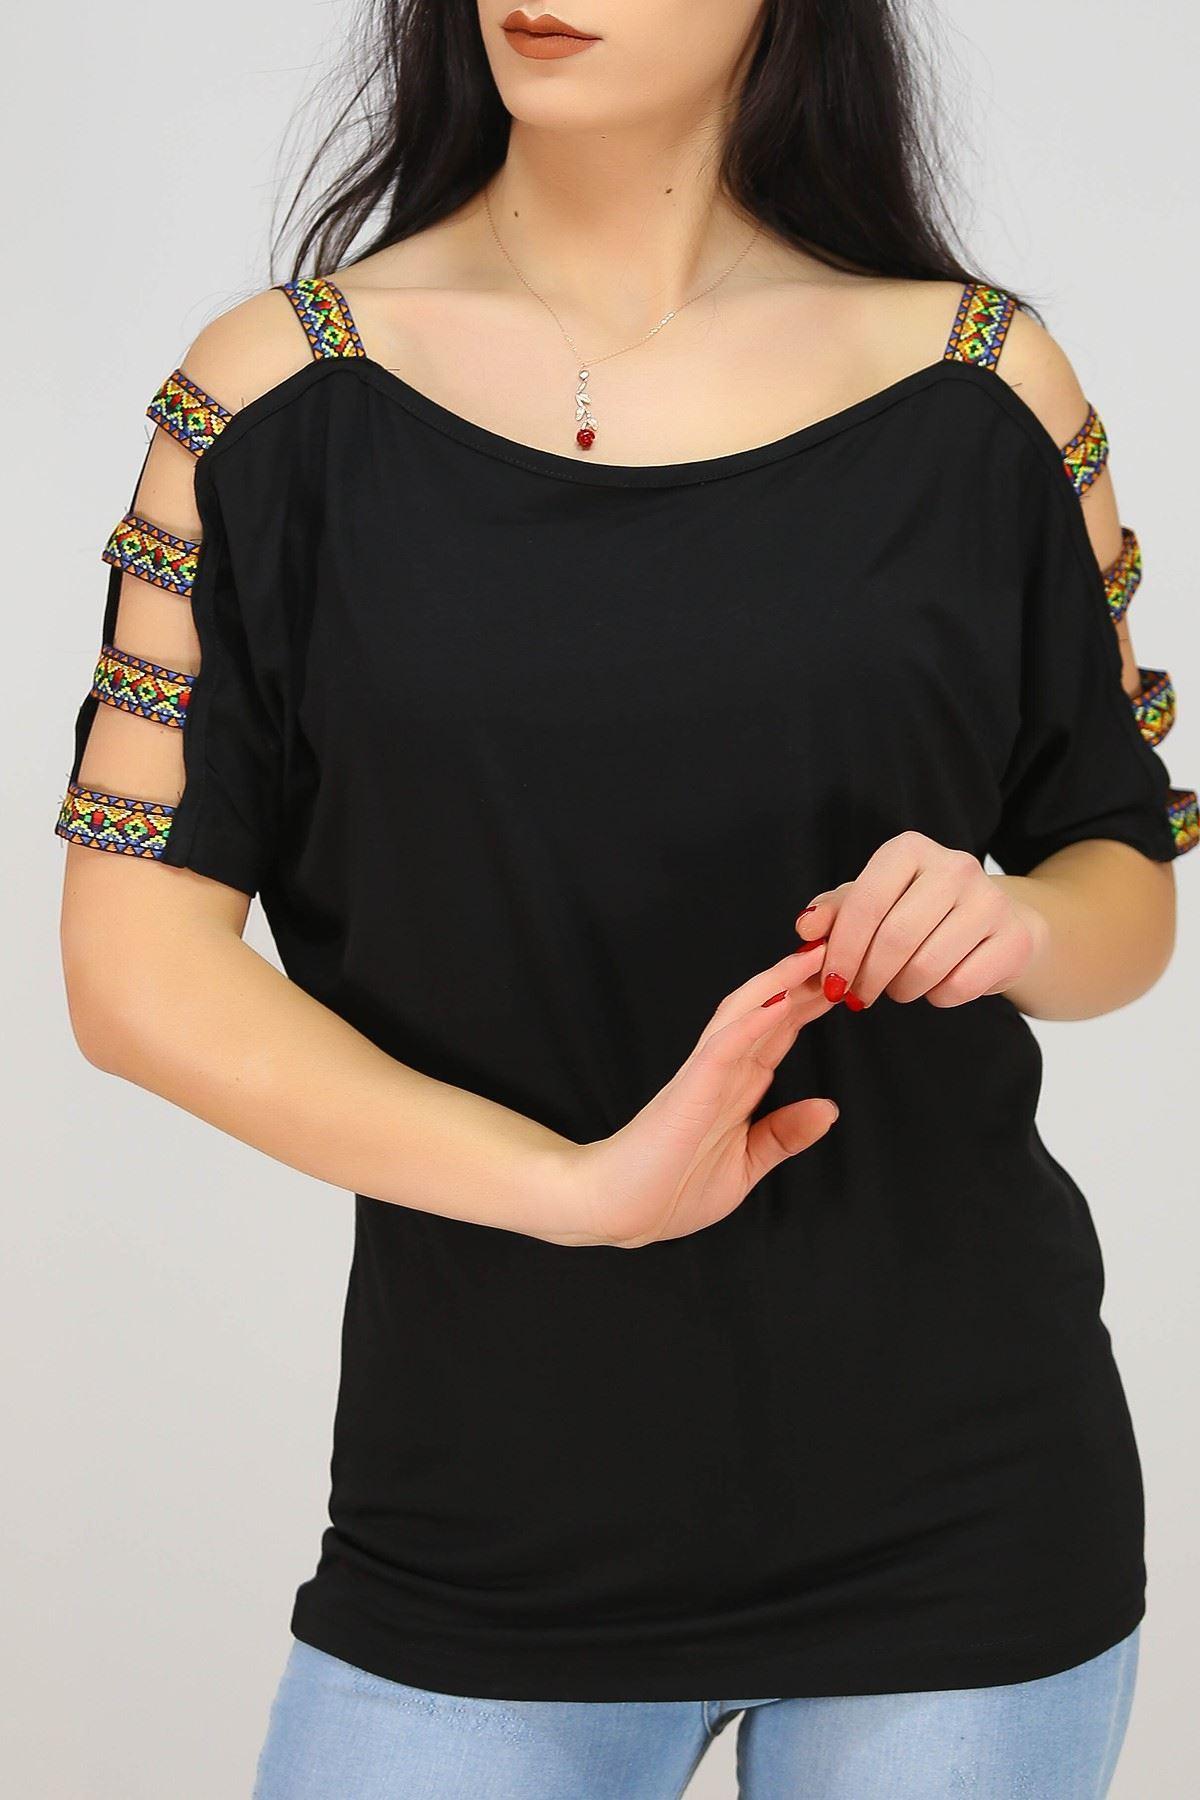 Kol Etnik Askılı Bluz Siyah - 1476.1095.